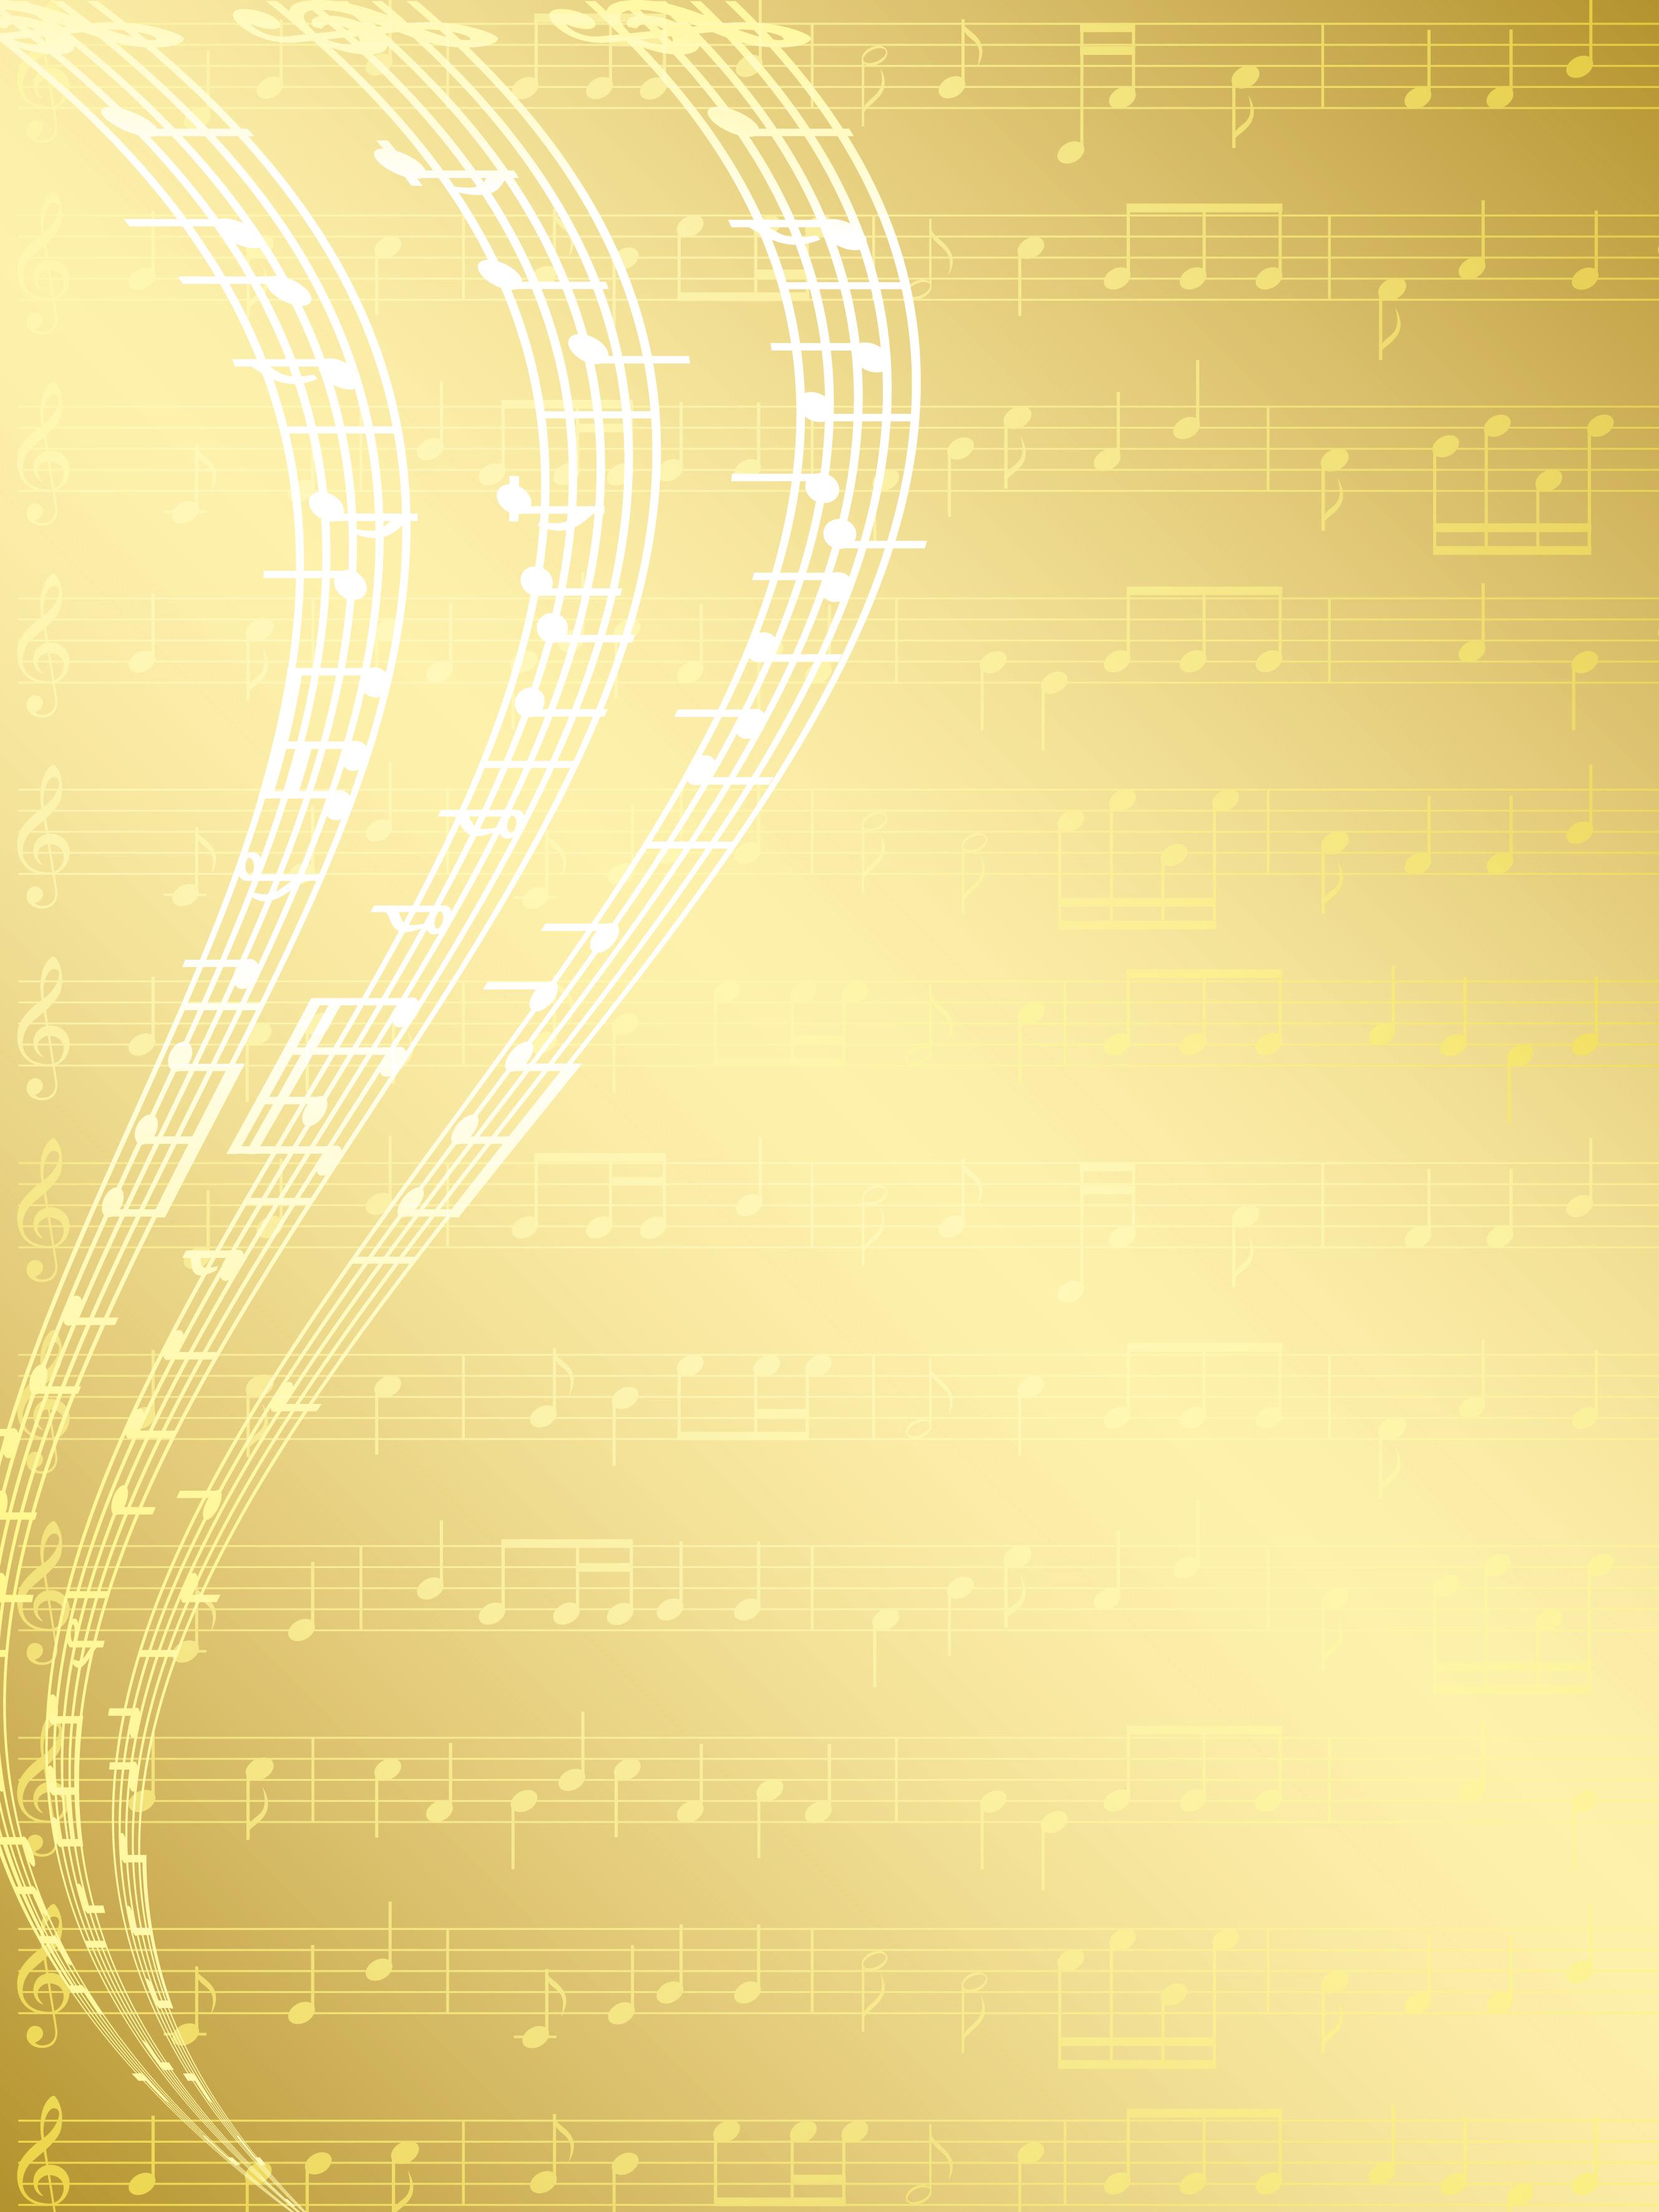 Schwob School of Music: Guitar Studio Solo Recital